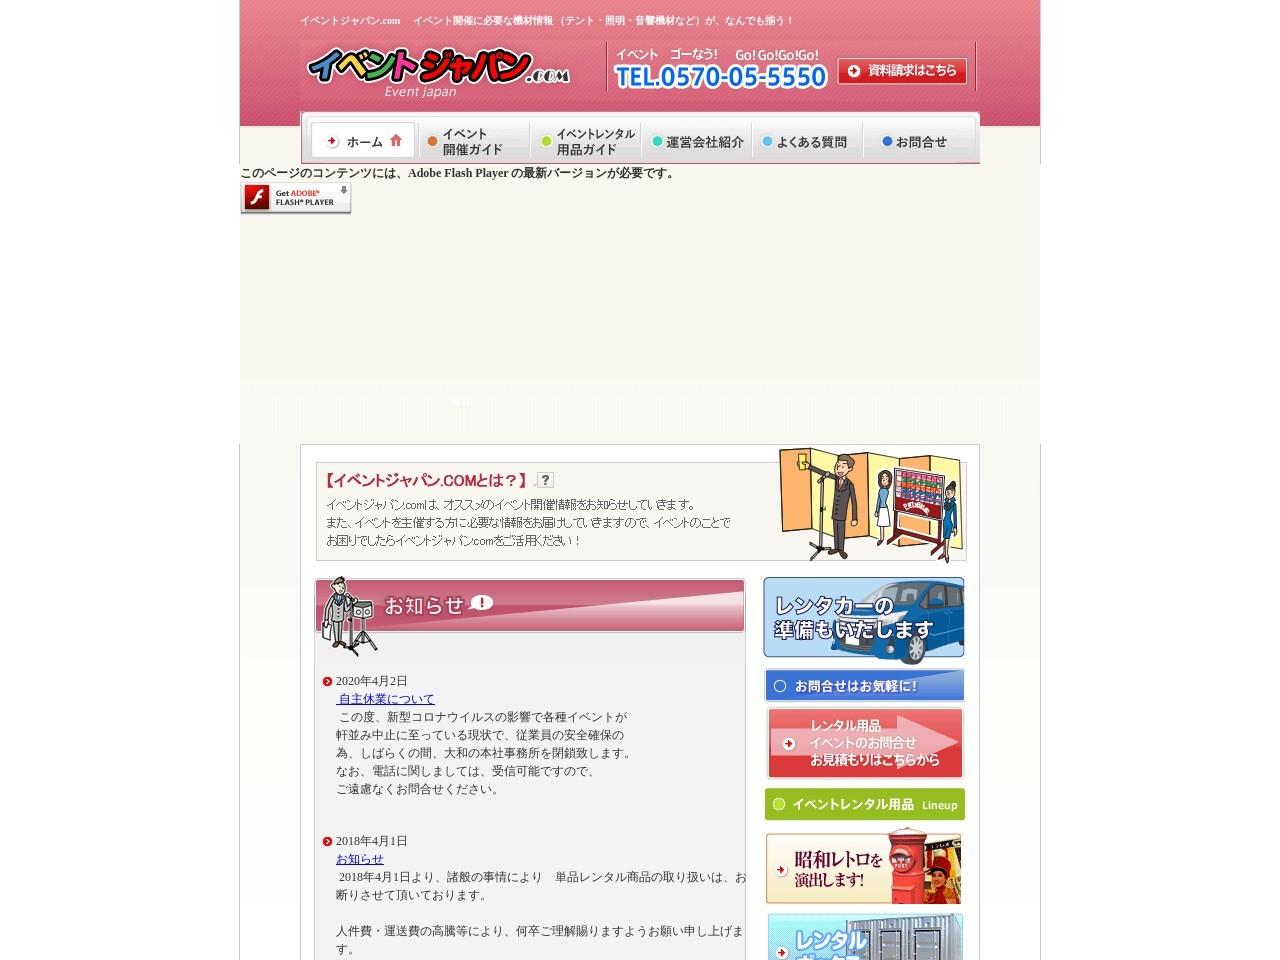 イベントジャパン.com イベント情報やイベント開催に必要な機材(テント・照明・音響機材など)がレンタルで、なんでも揃います!